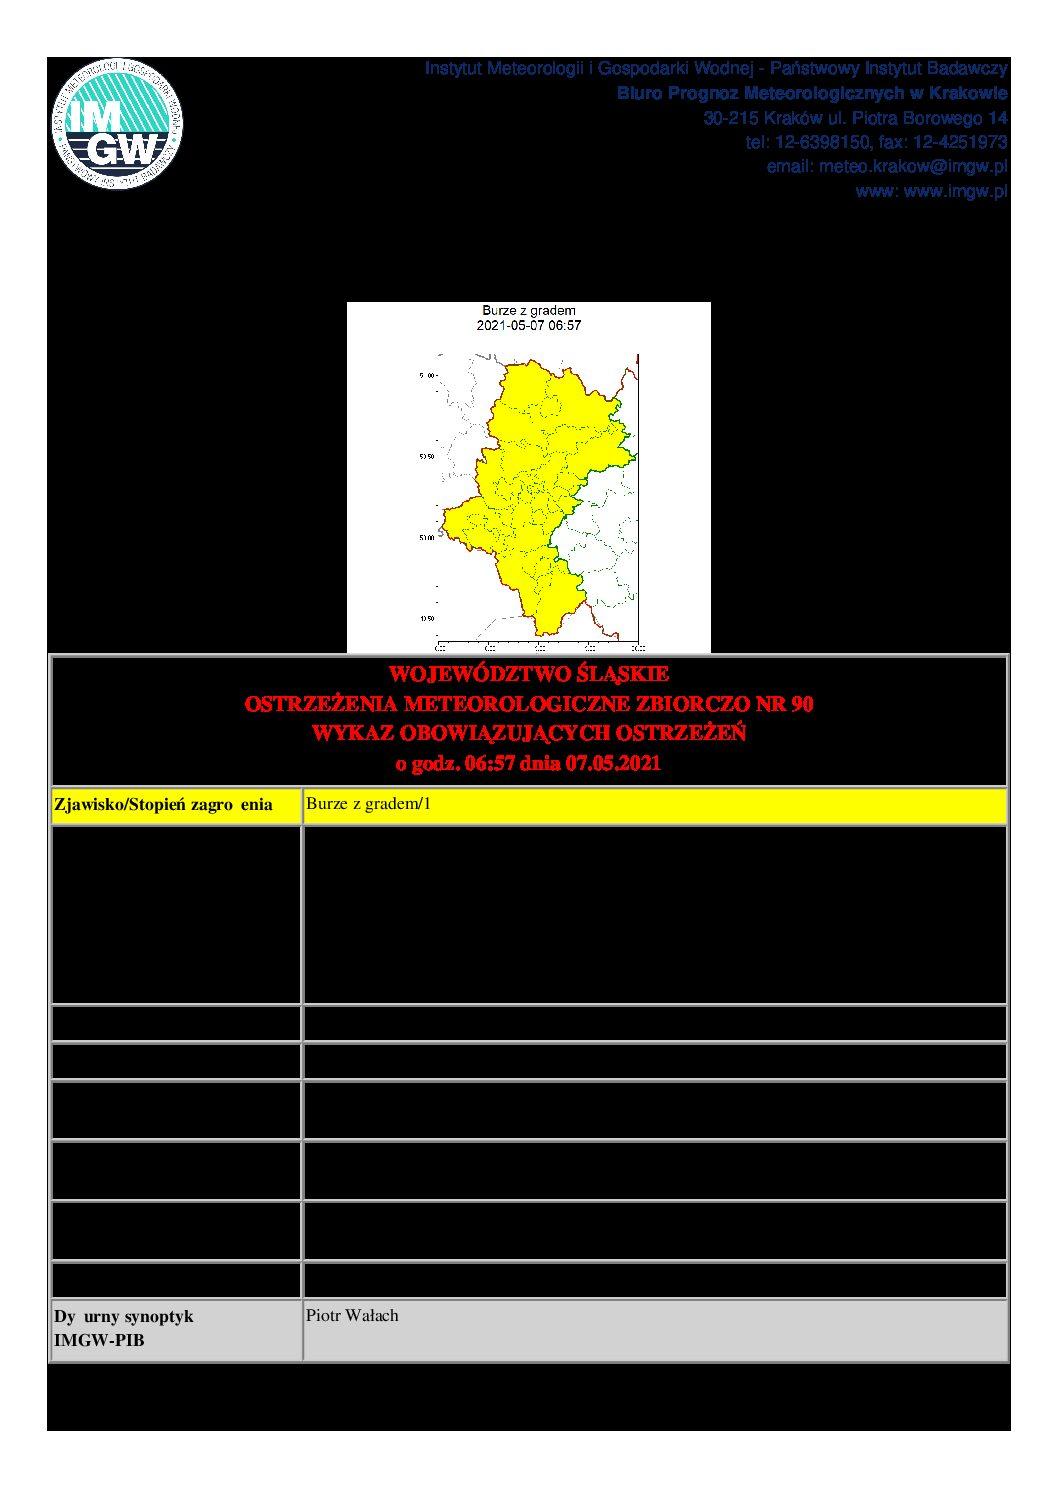 Ostrzeżenie meteorologiczne dnia 07.05.2021